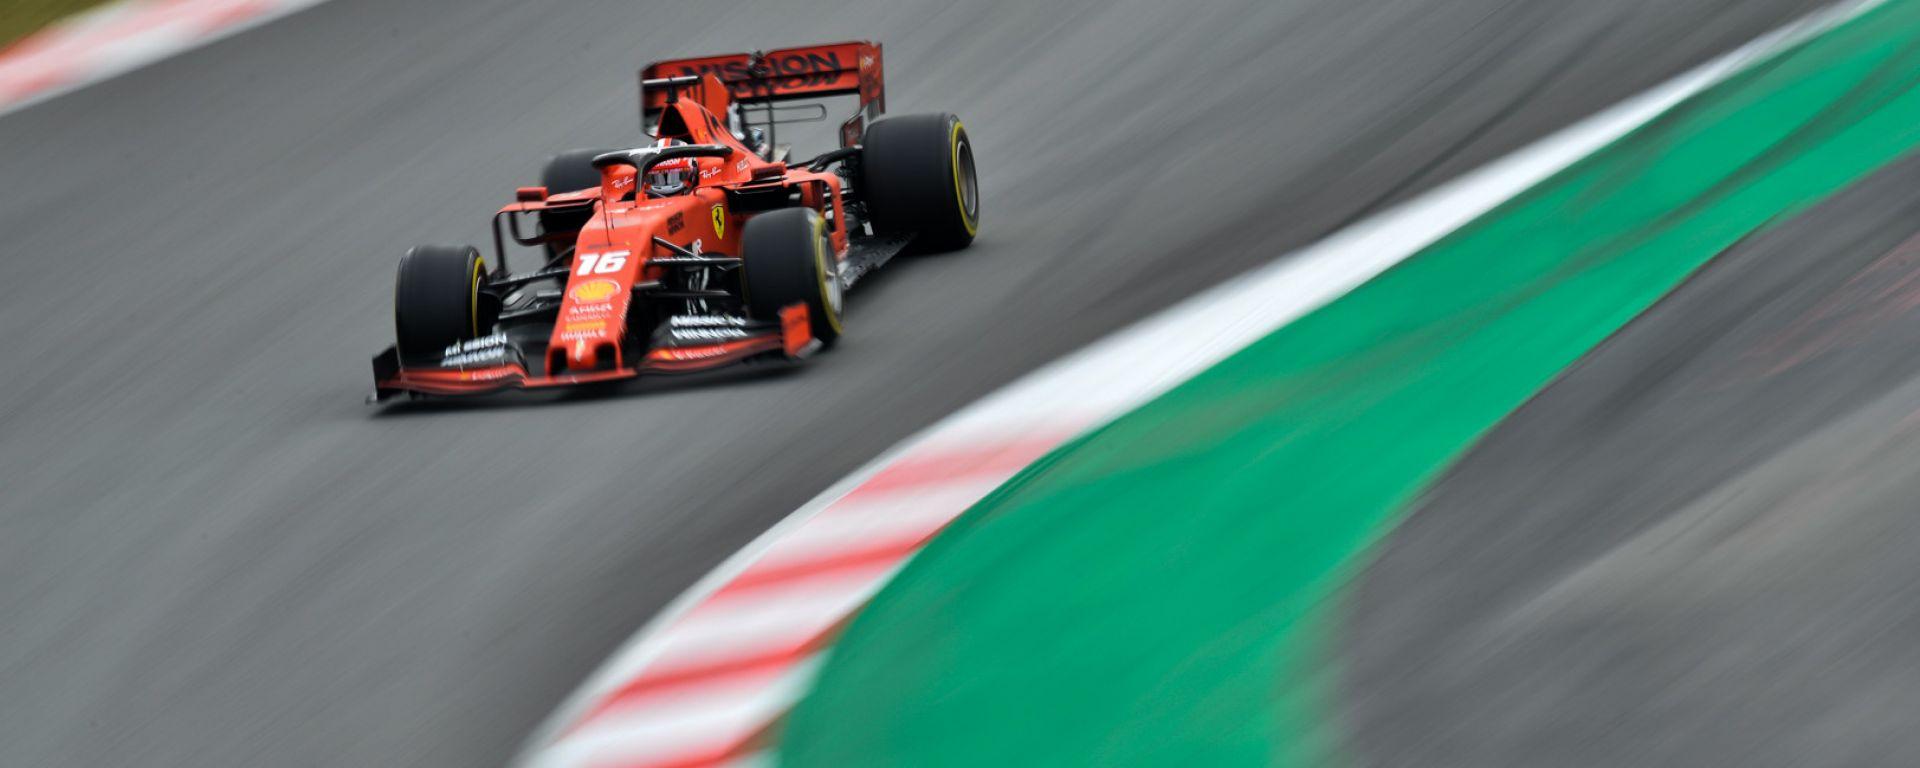 Test F1 Barcellona, Ricciardo commenta la Ferrari SF90